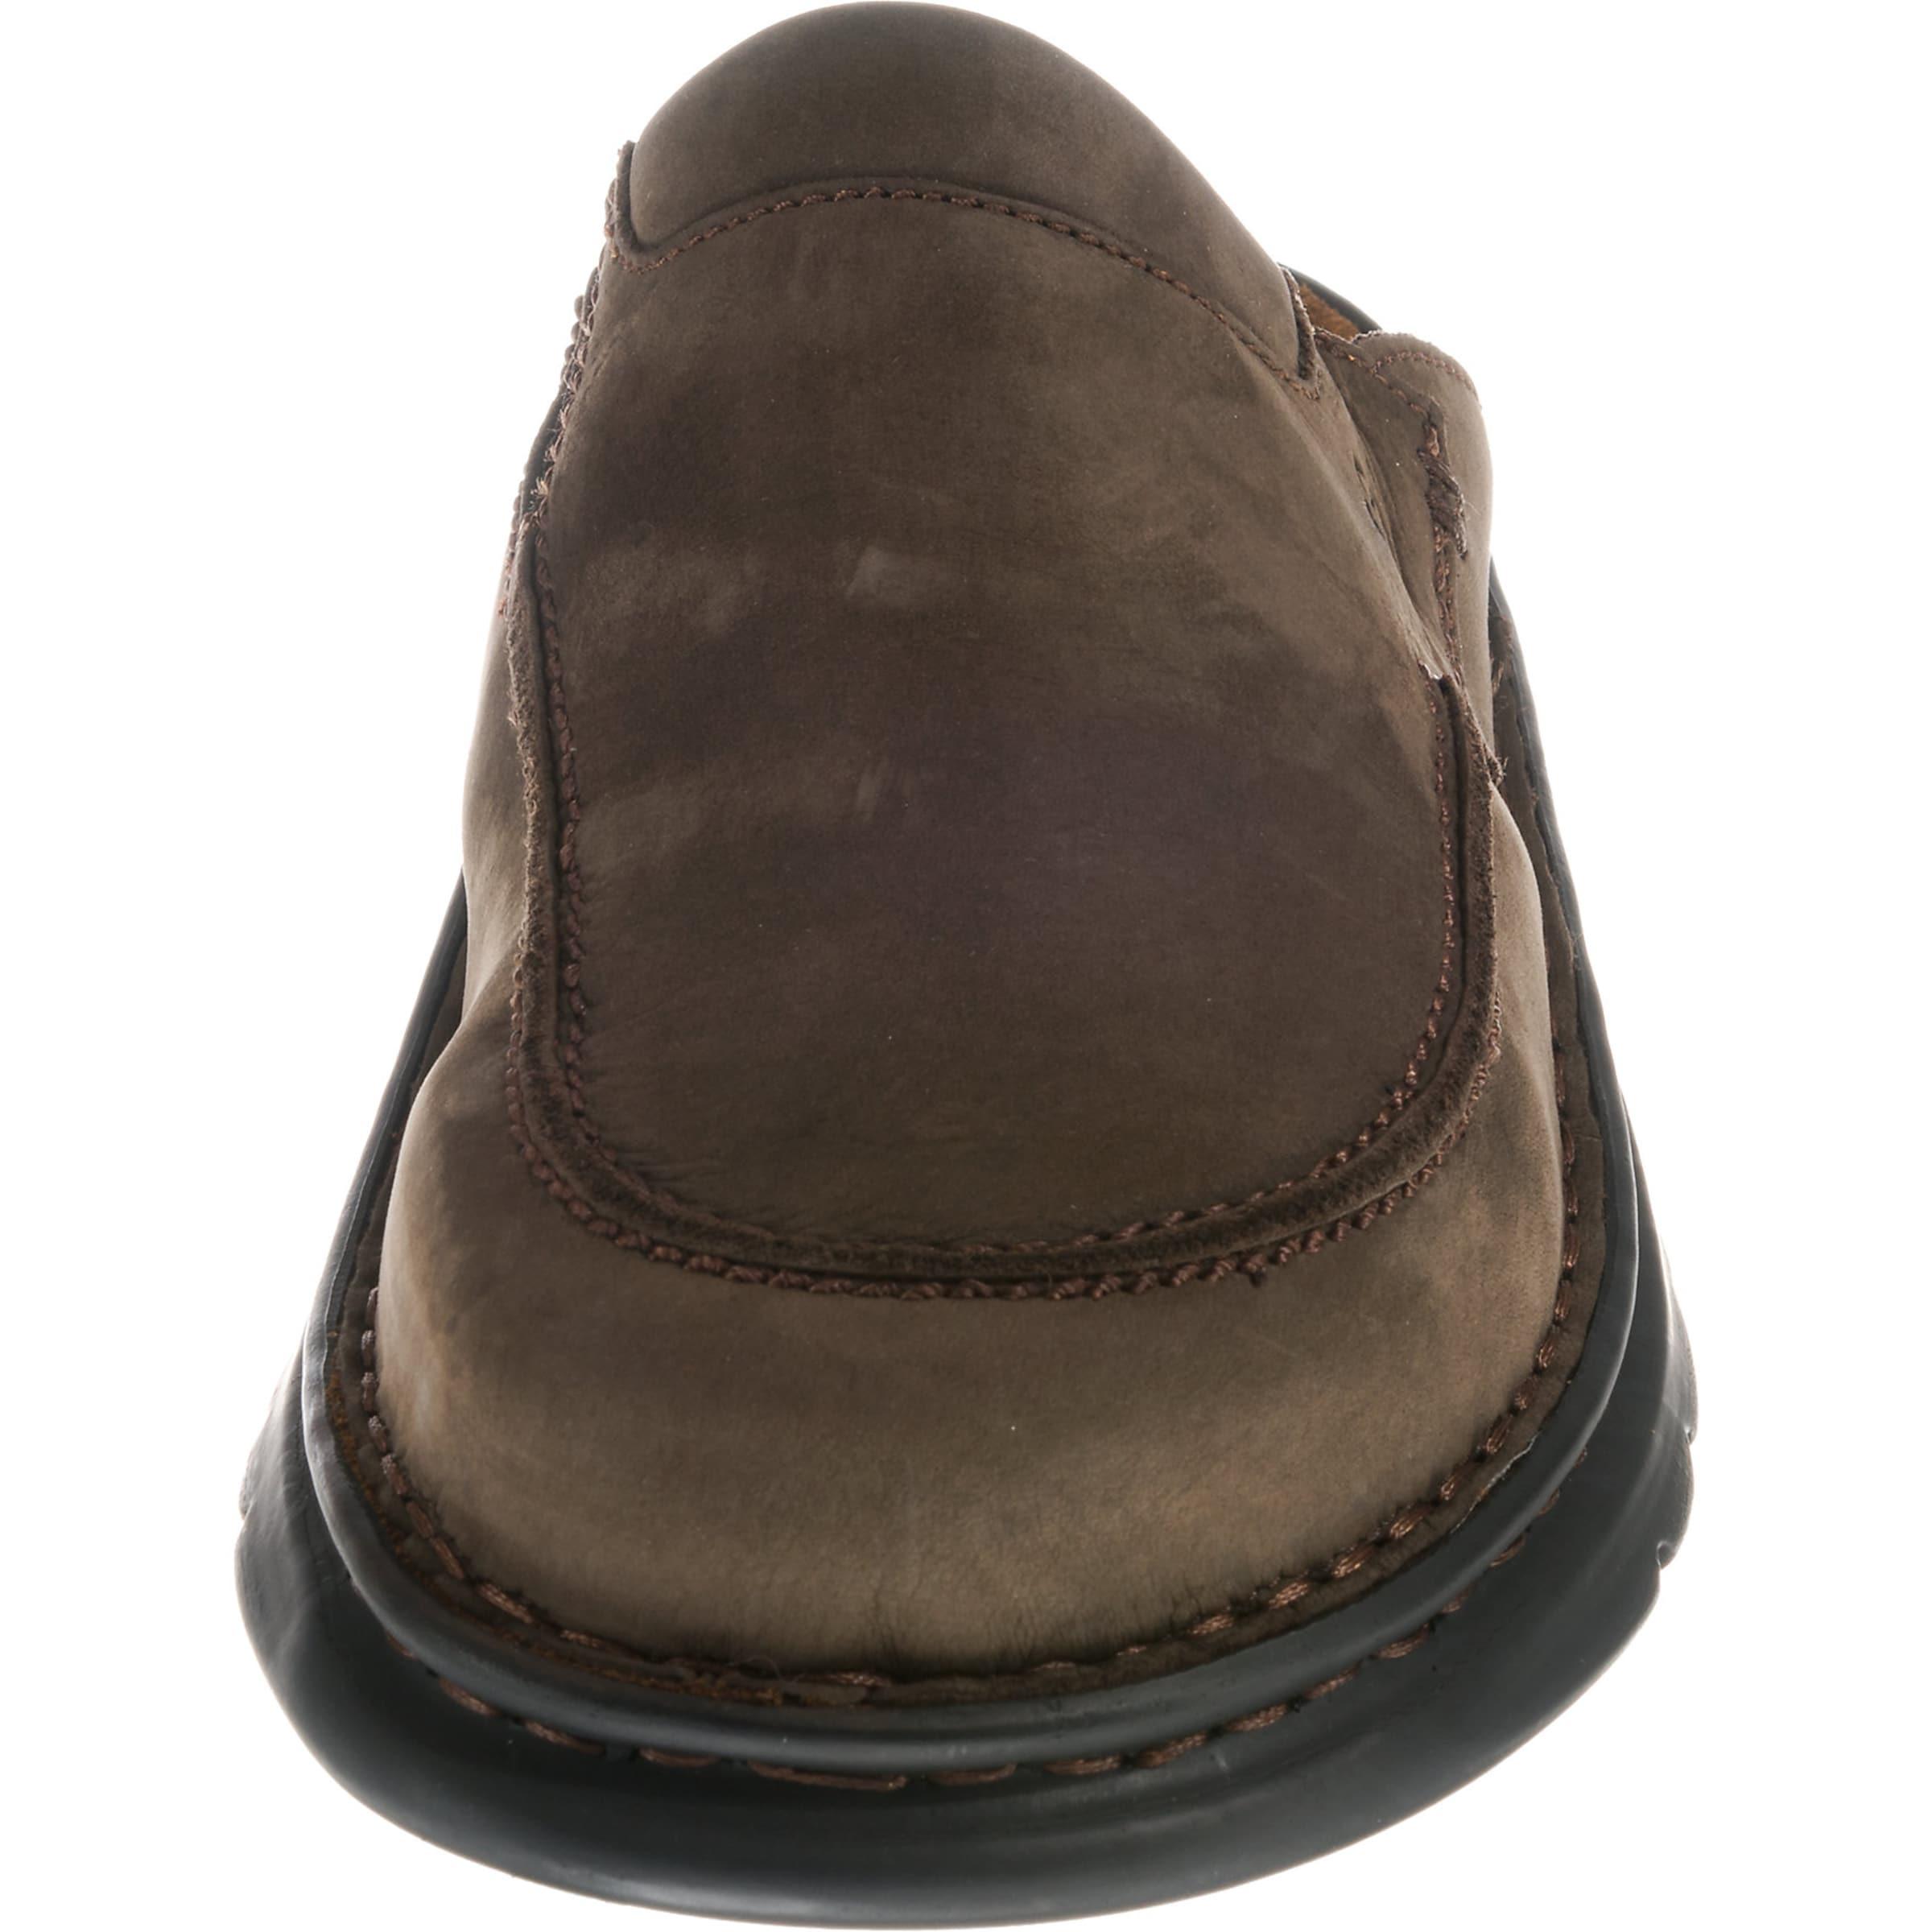 'wido 01' Braun Josef Seibel Pantoffeln In 29WHIED